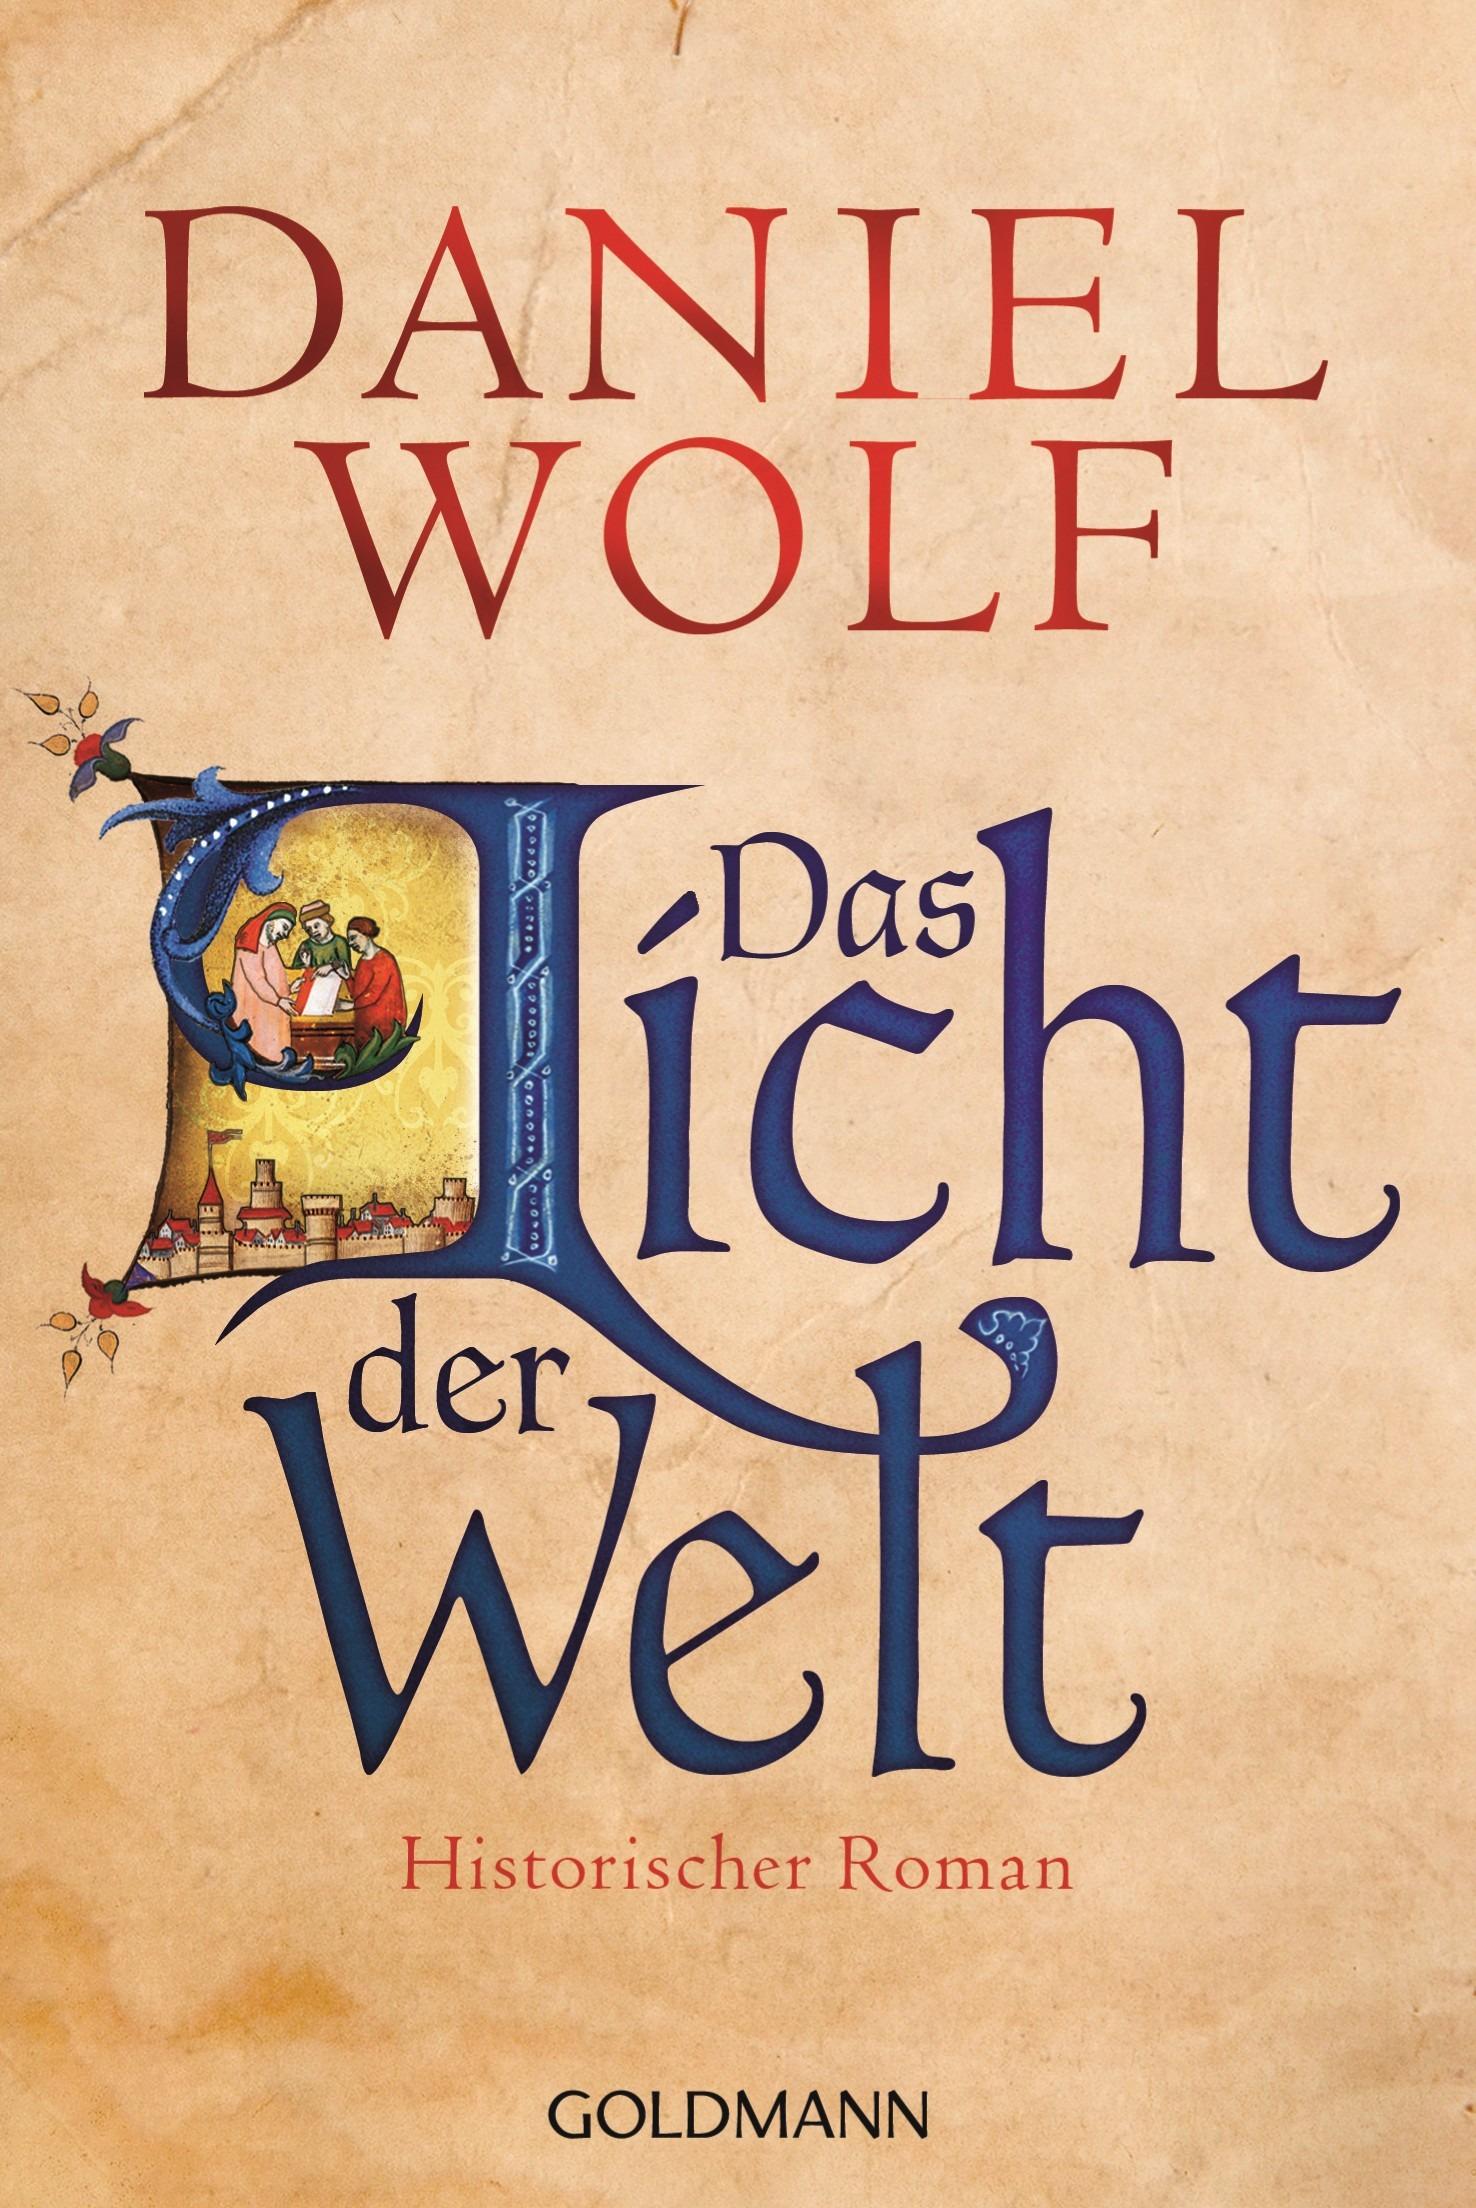 Das Licht der Welt von Daniel Wolf